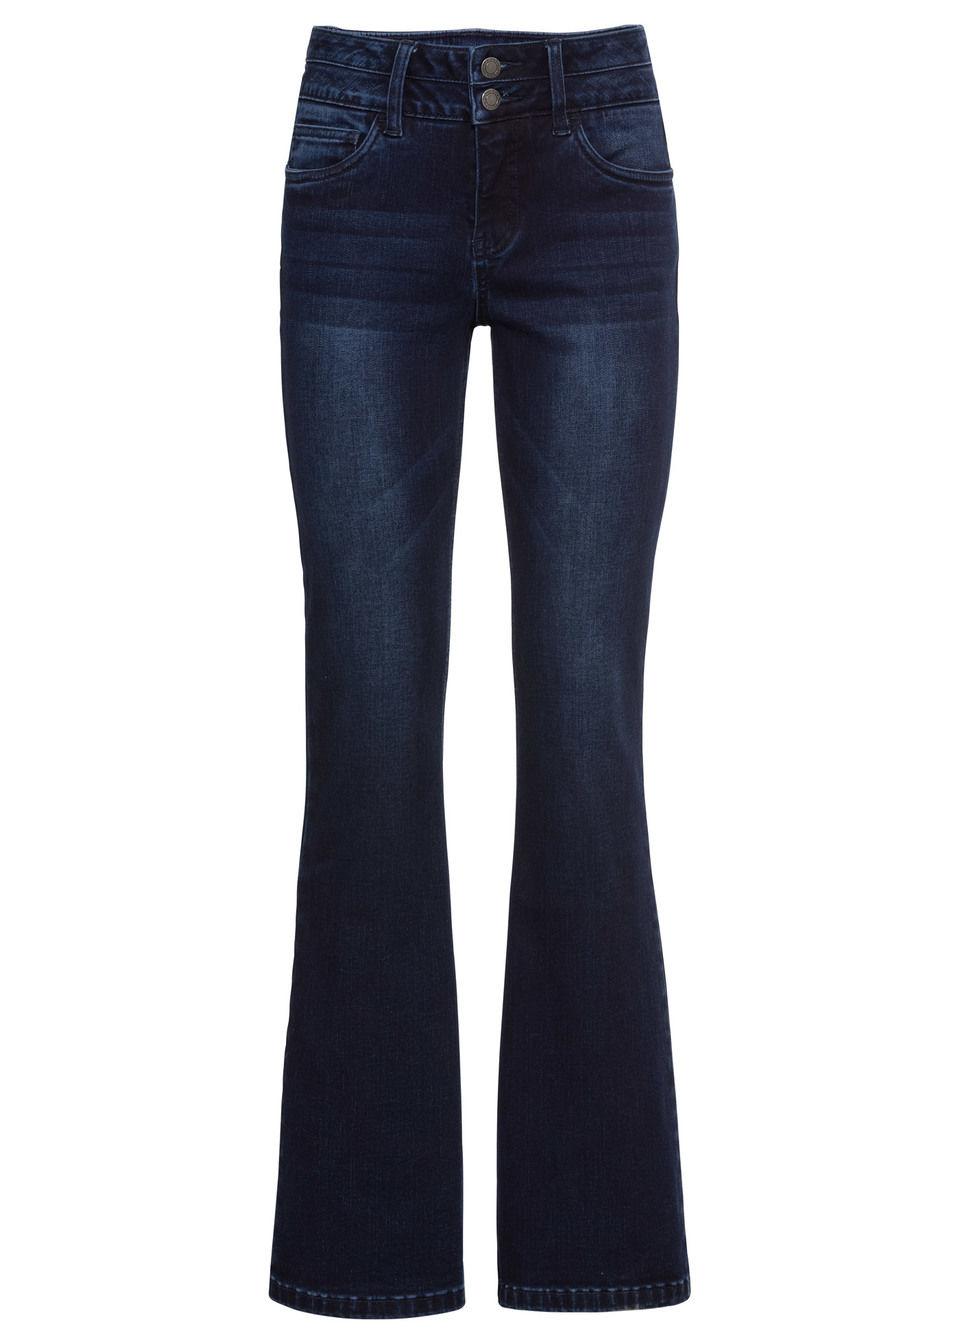 Стройнящие джинсы-стретч BOOTCUT